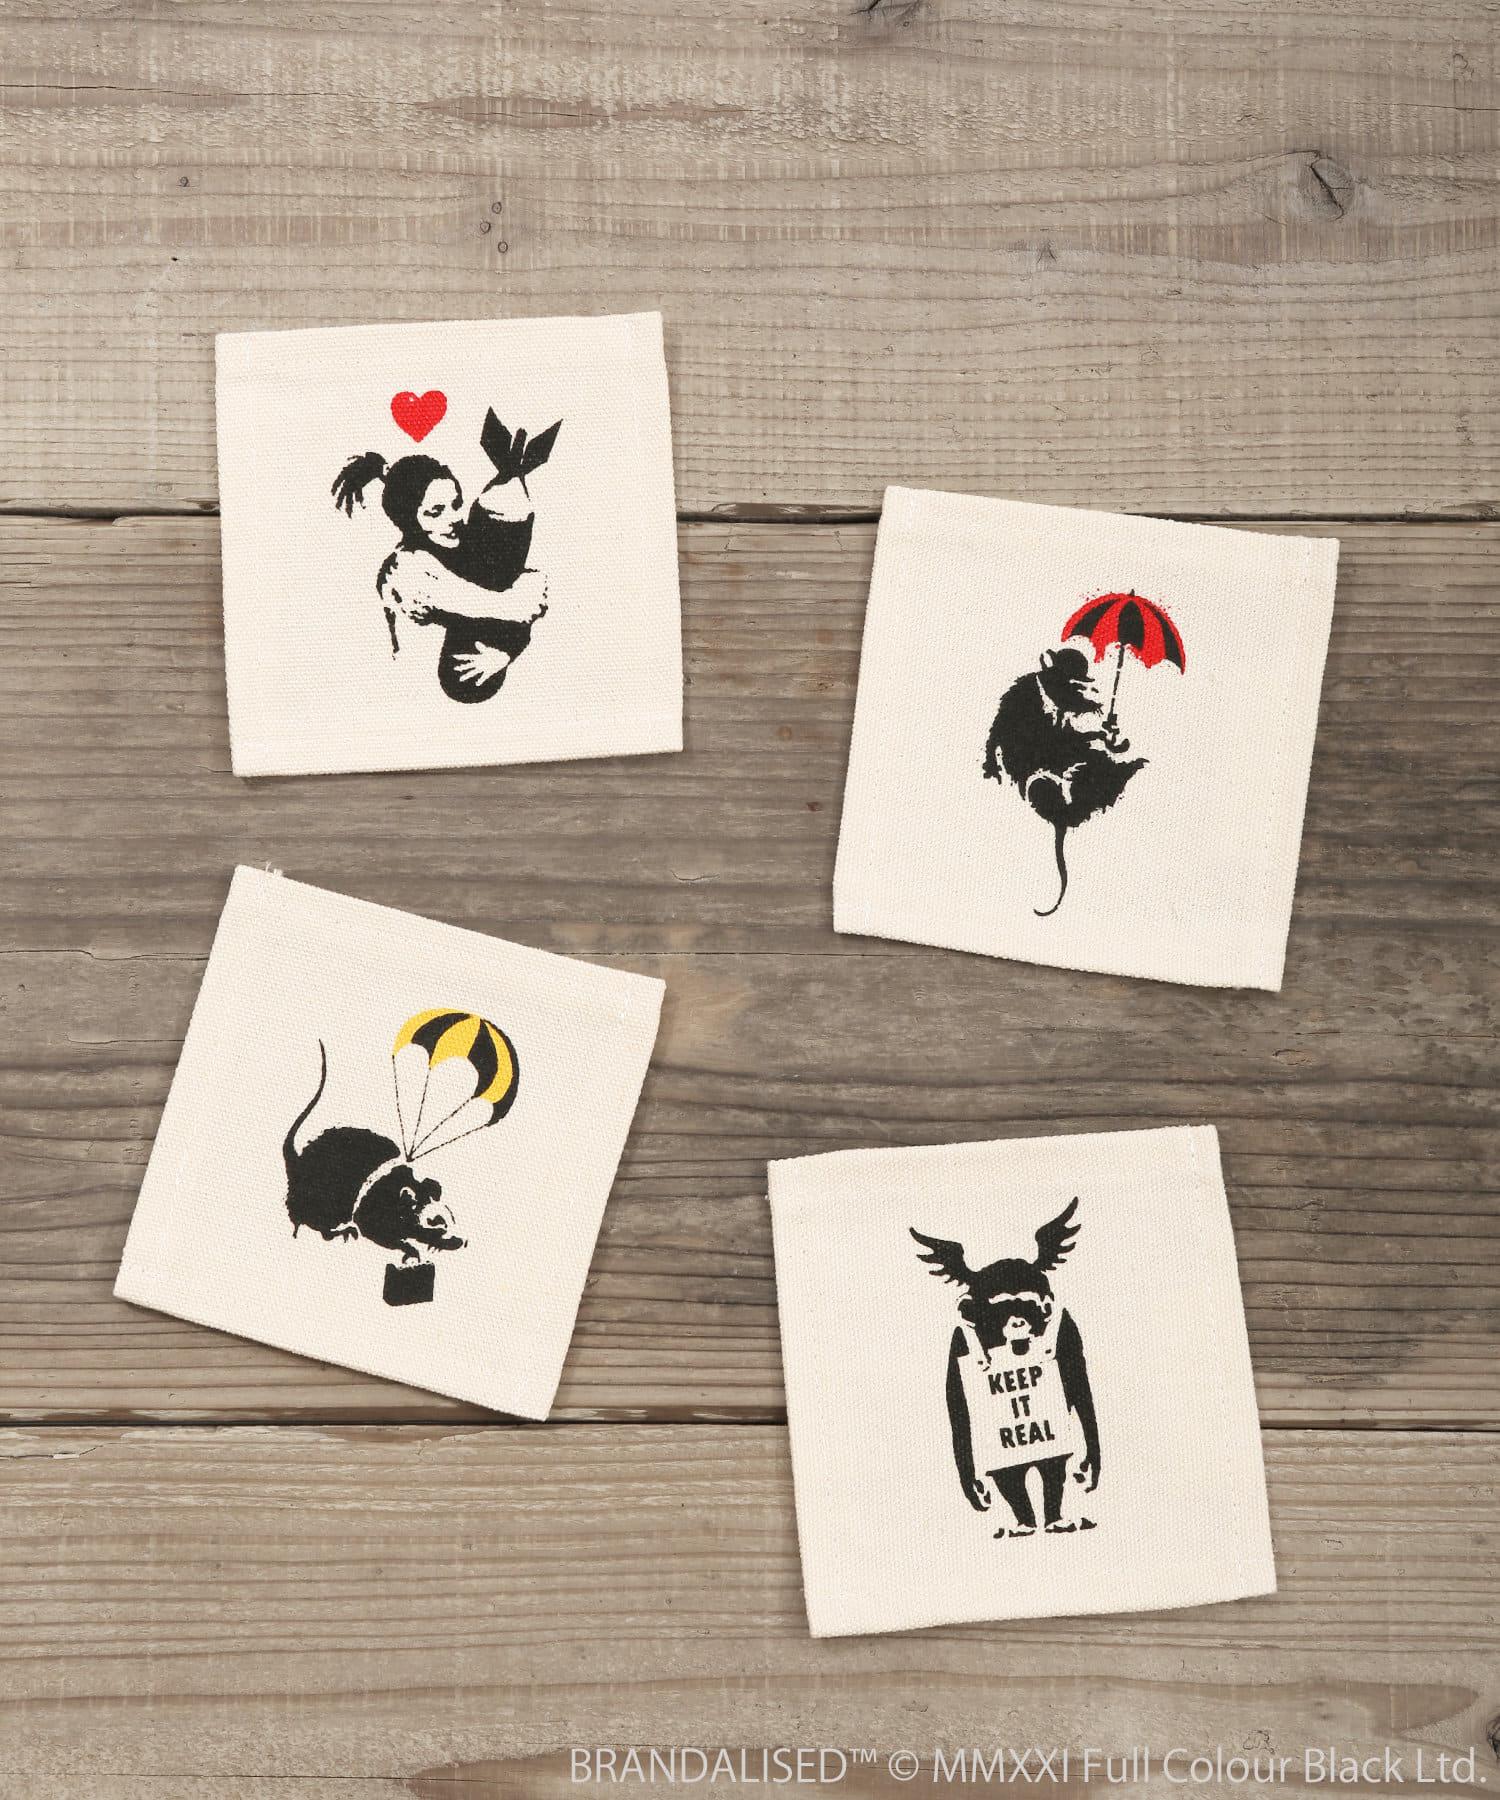 ASOKO(アソコ) ライフスタイル Banksy's Graffiti キャンバスコースター4枚セット その他